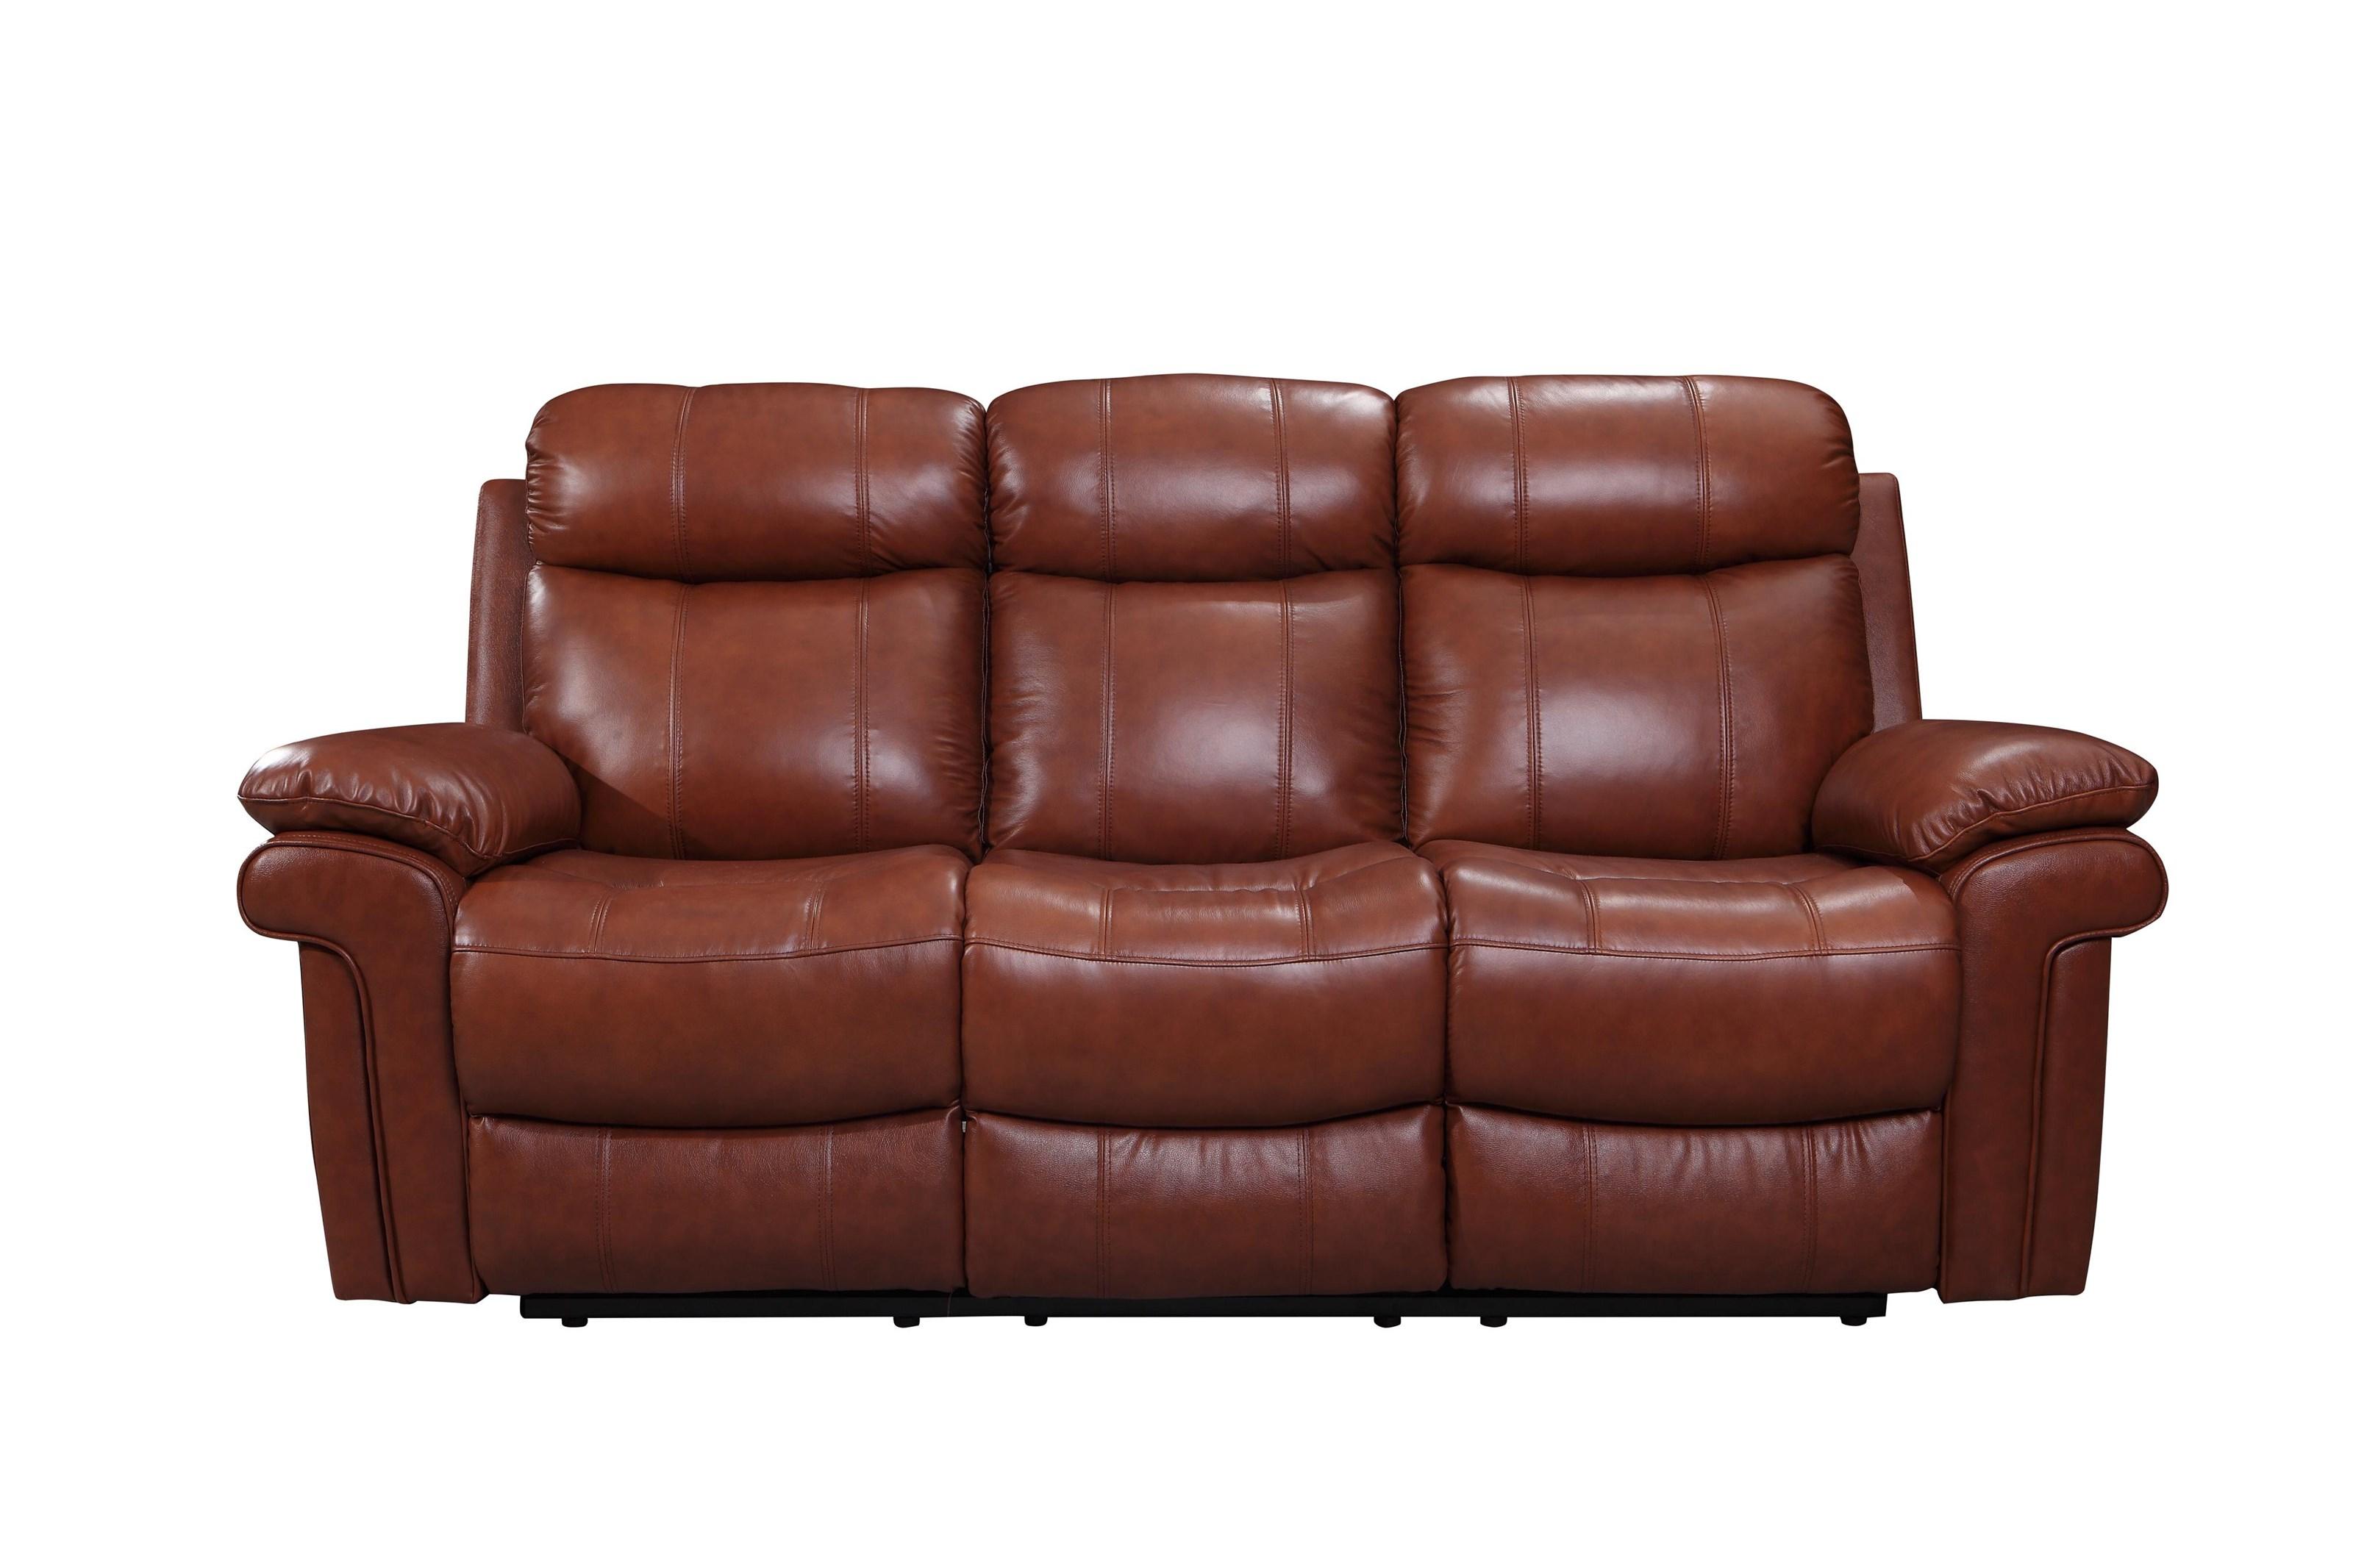 Leather Italia USA 2117-2201 2117 - Item Number: E2117-03